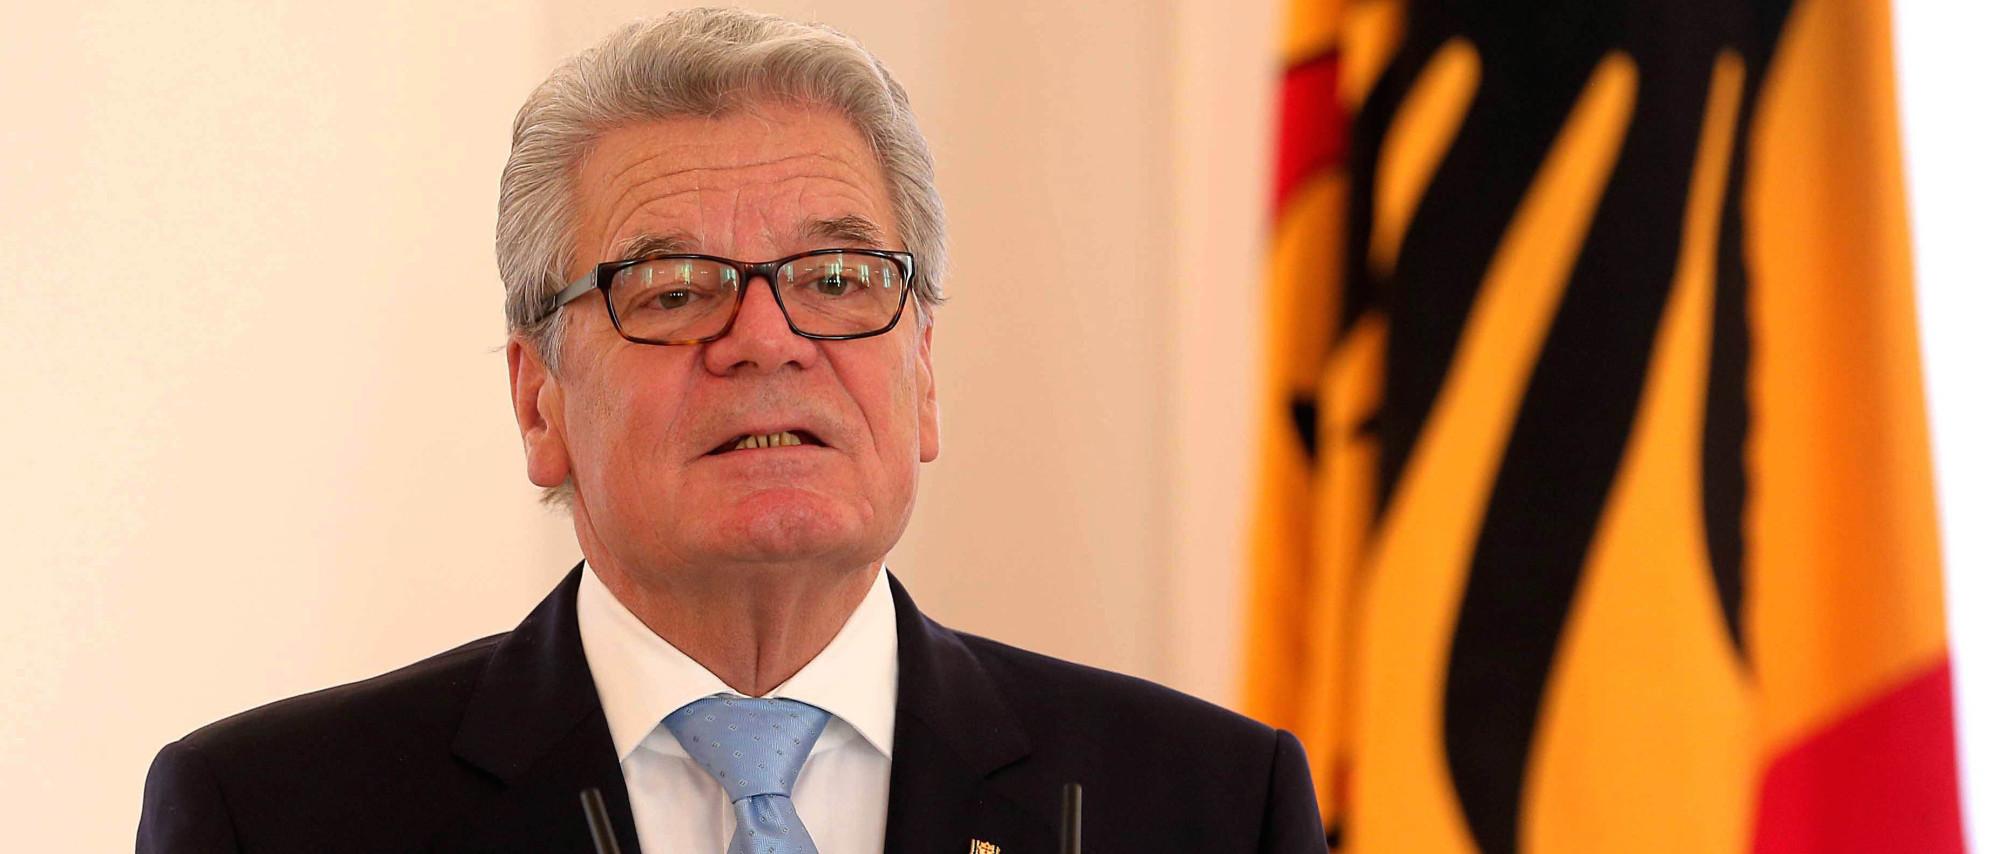 Президент Германии Йоахим Гаук выразил озабоченность судьбой Евросоюза.